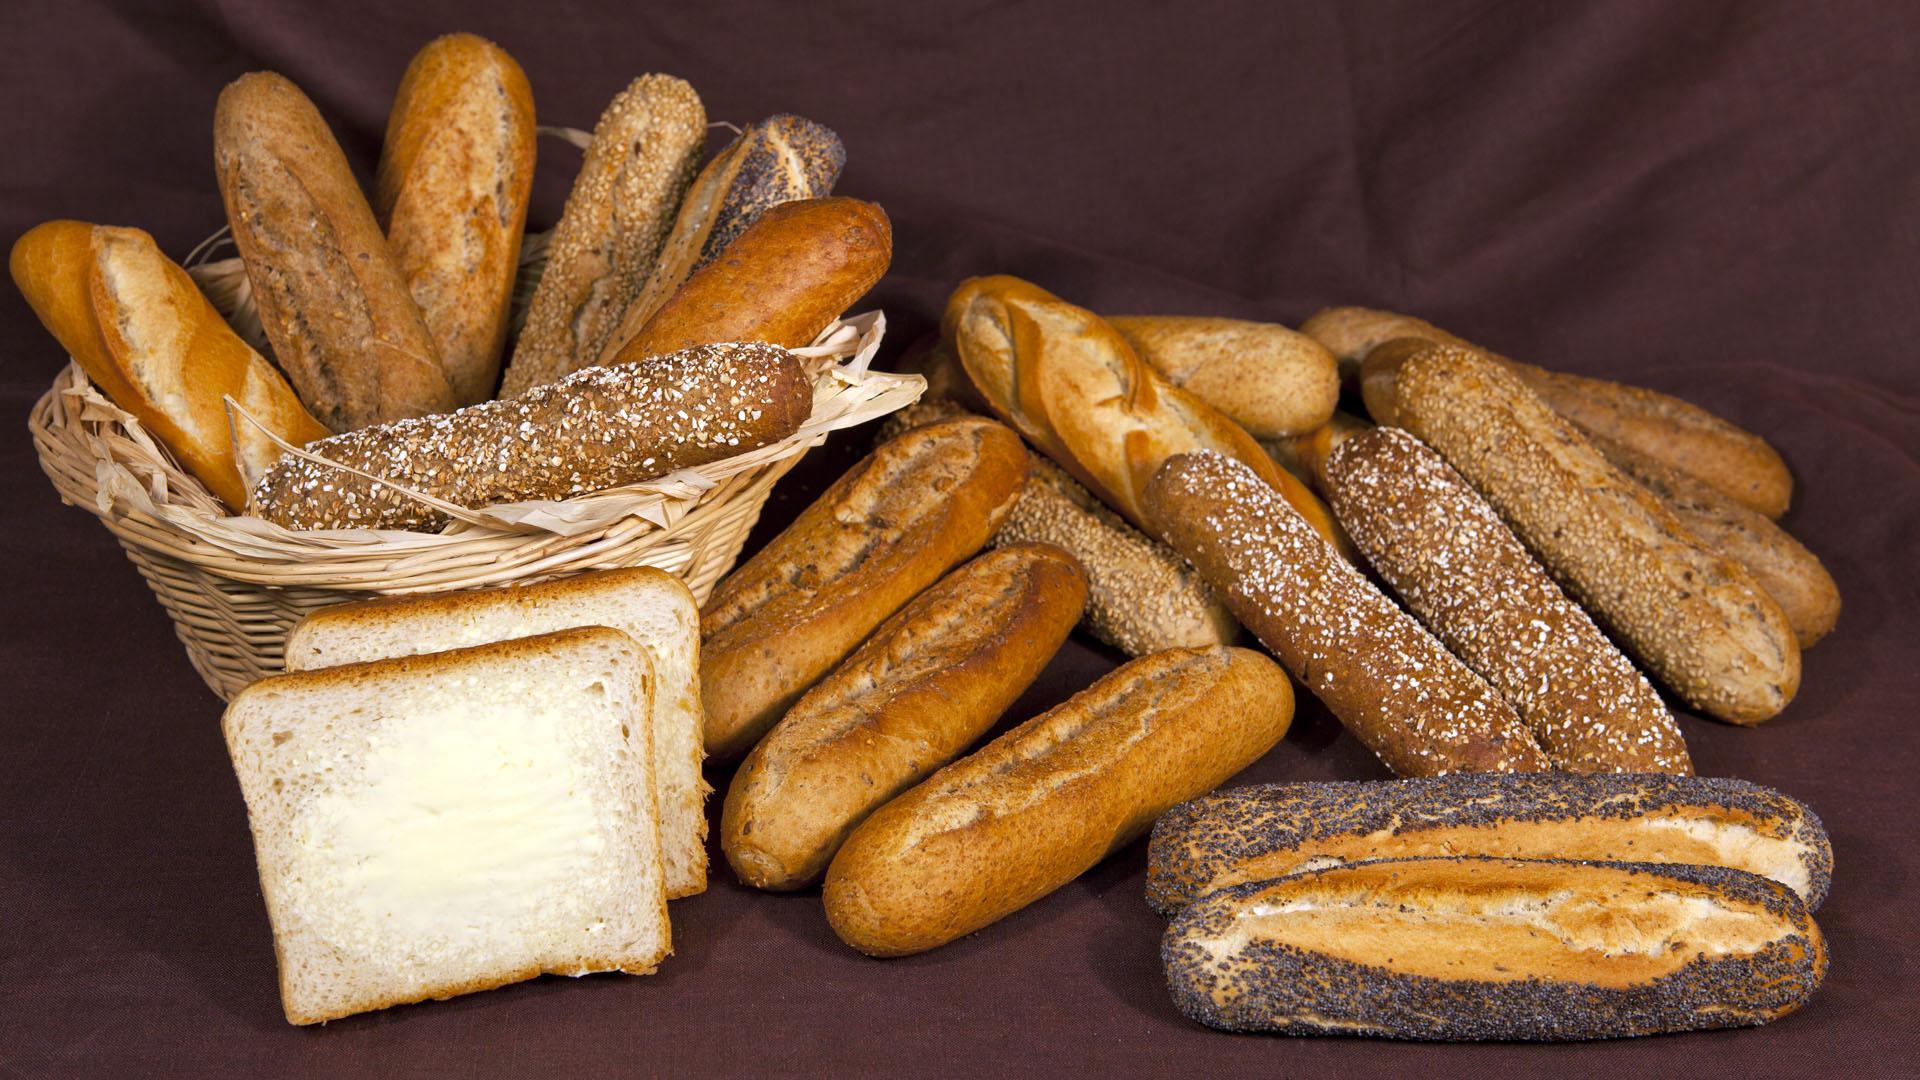 Panadería_Desayunos